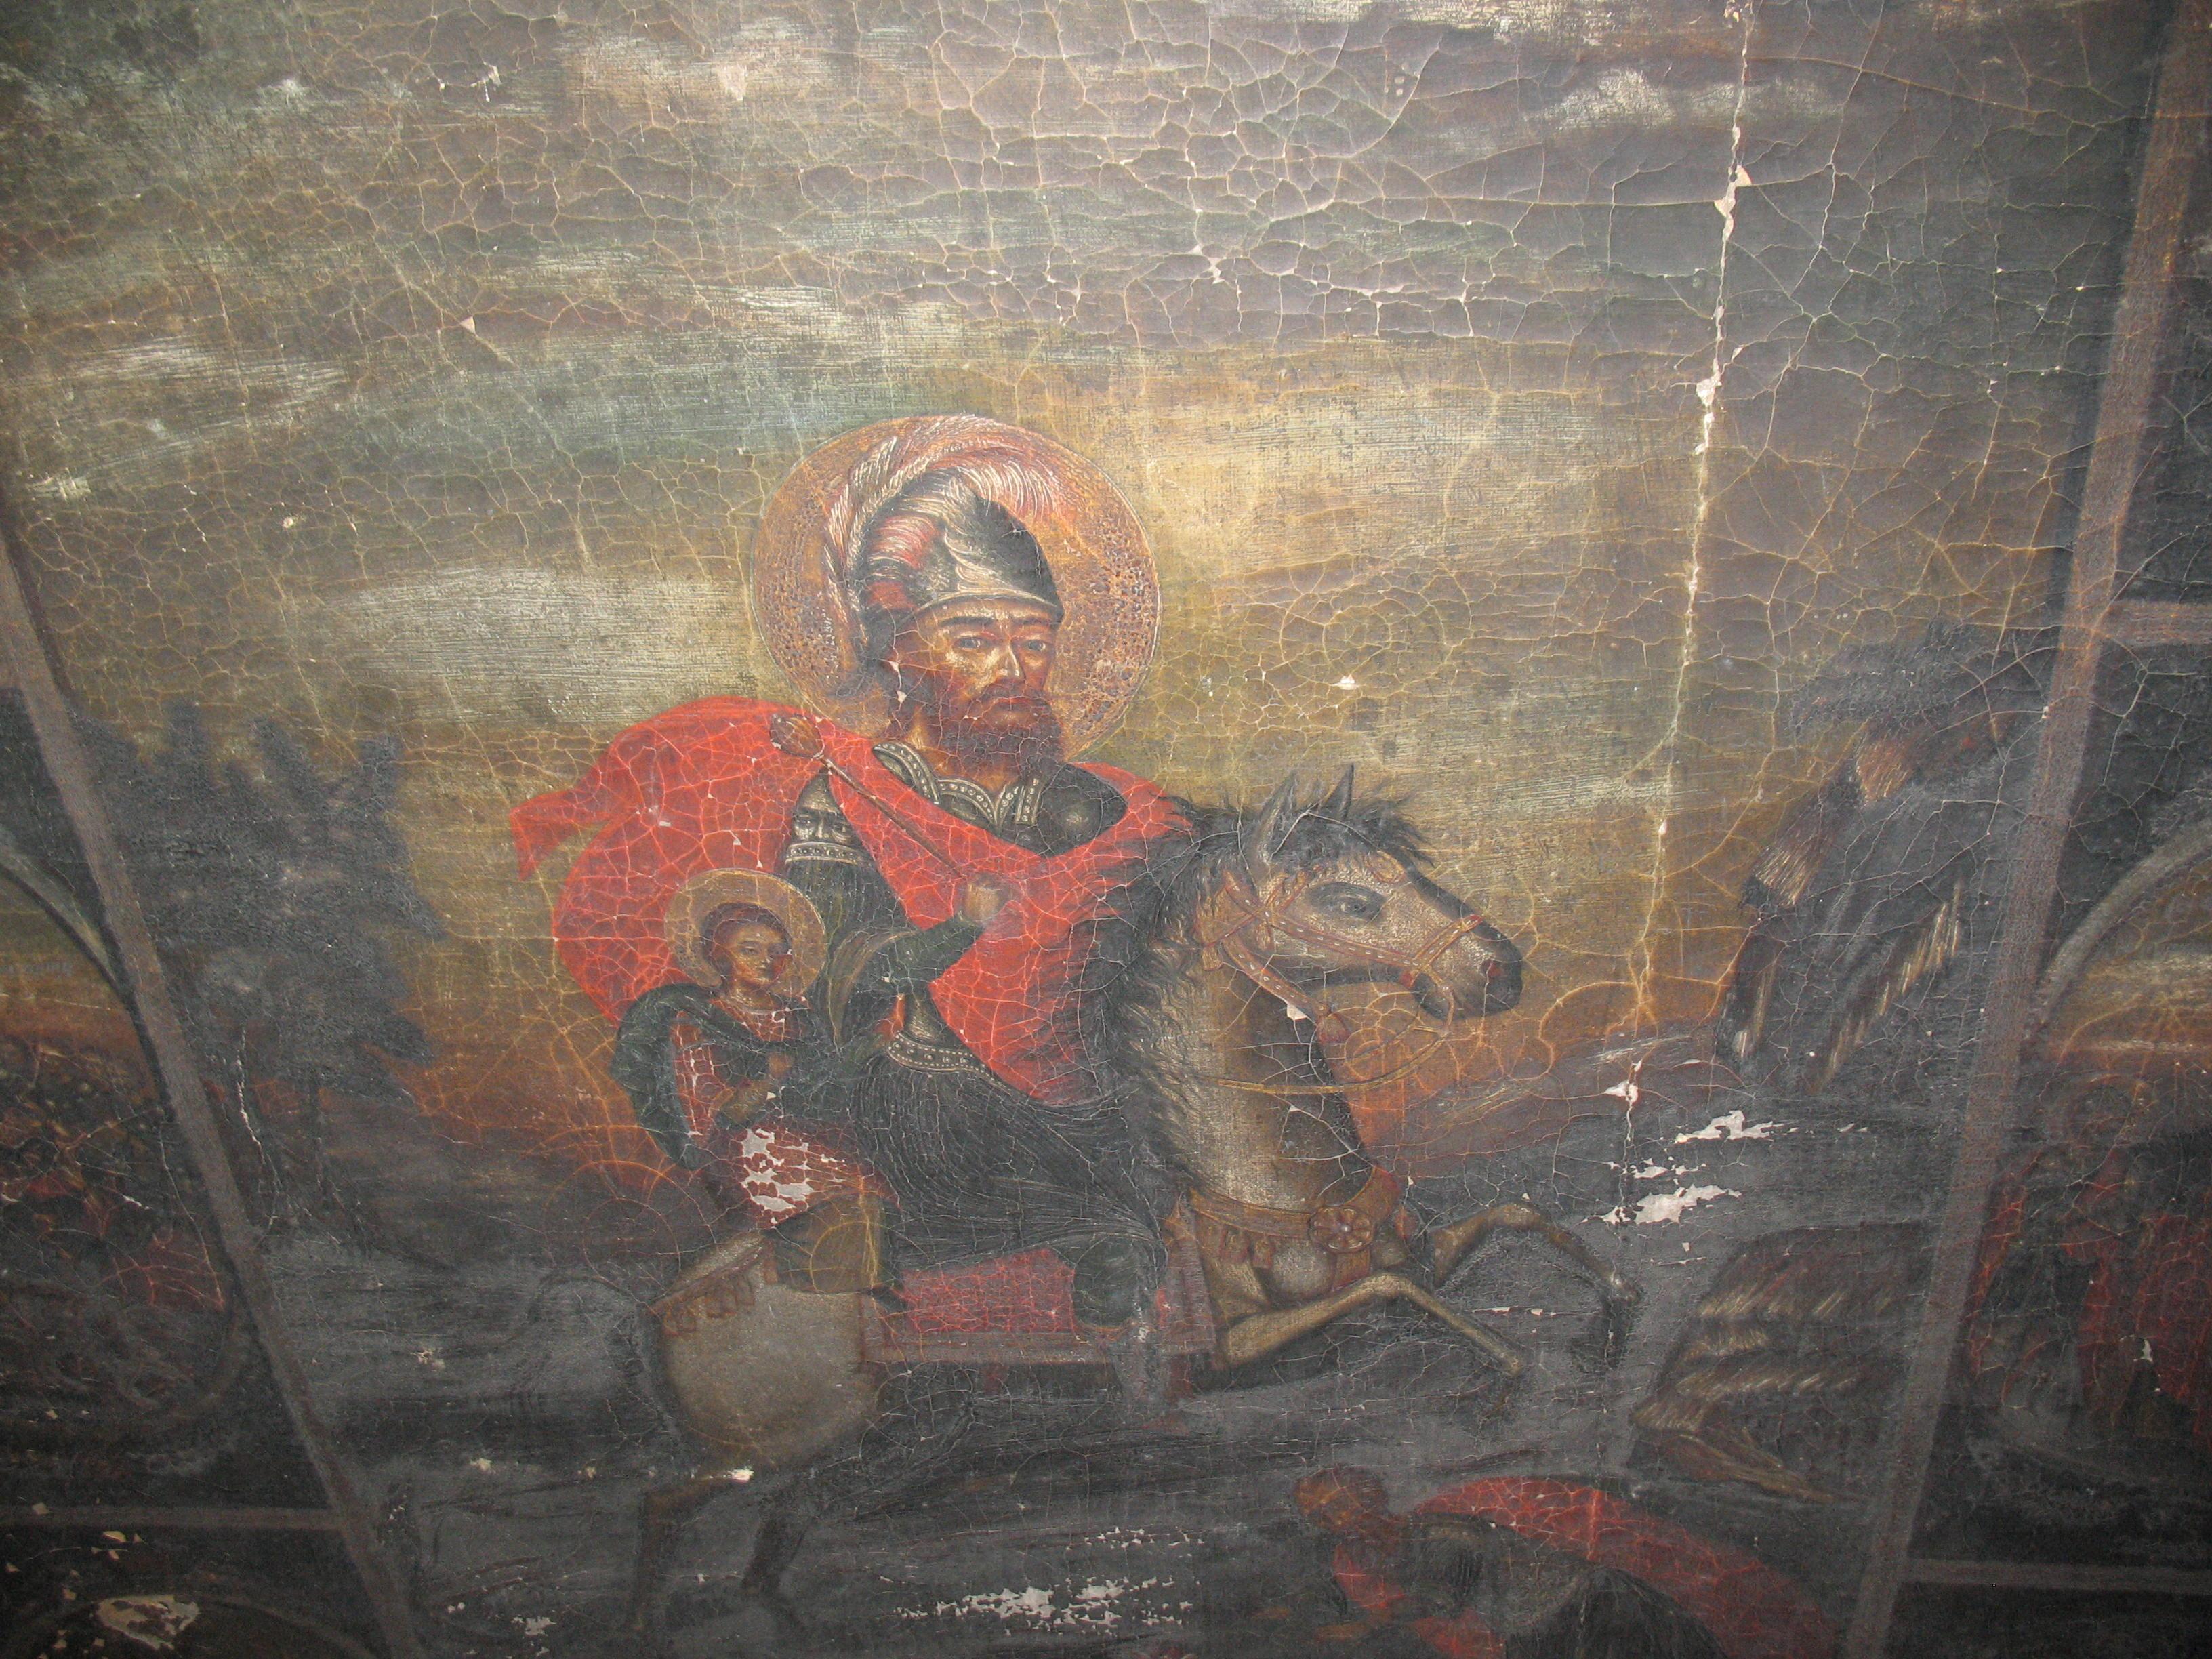 Icoana-Sfântul-Sarchis-_și-fiul-său-Mardiros-din-anul-1869-detaliu.-Biserica-armeană_-din-Botoșani